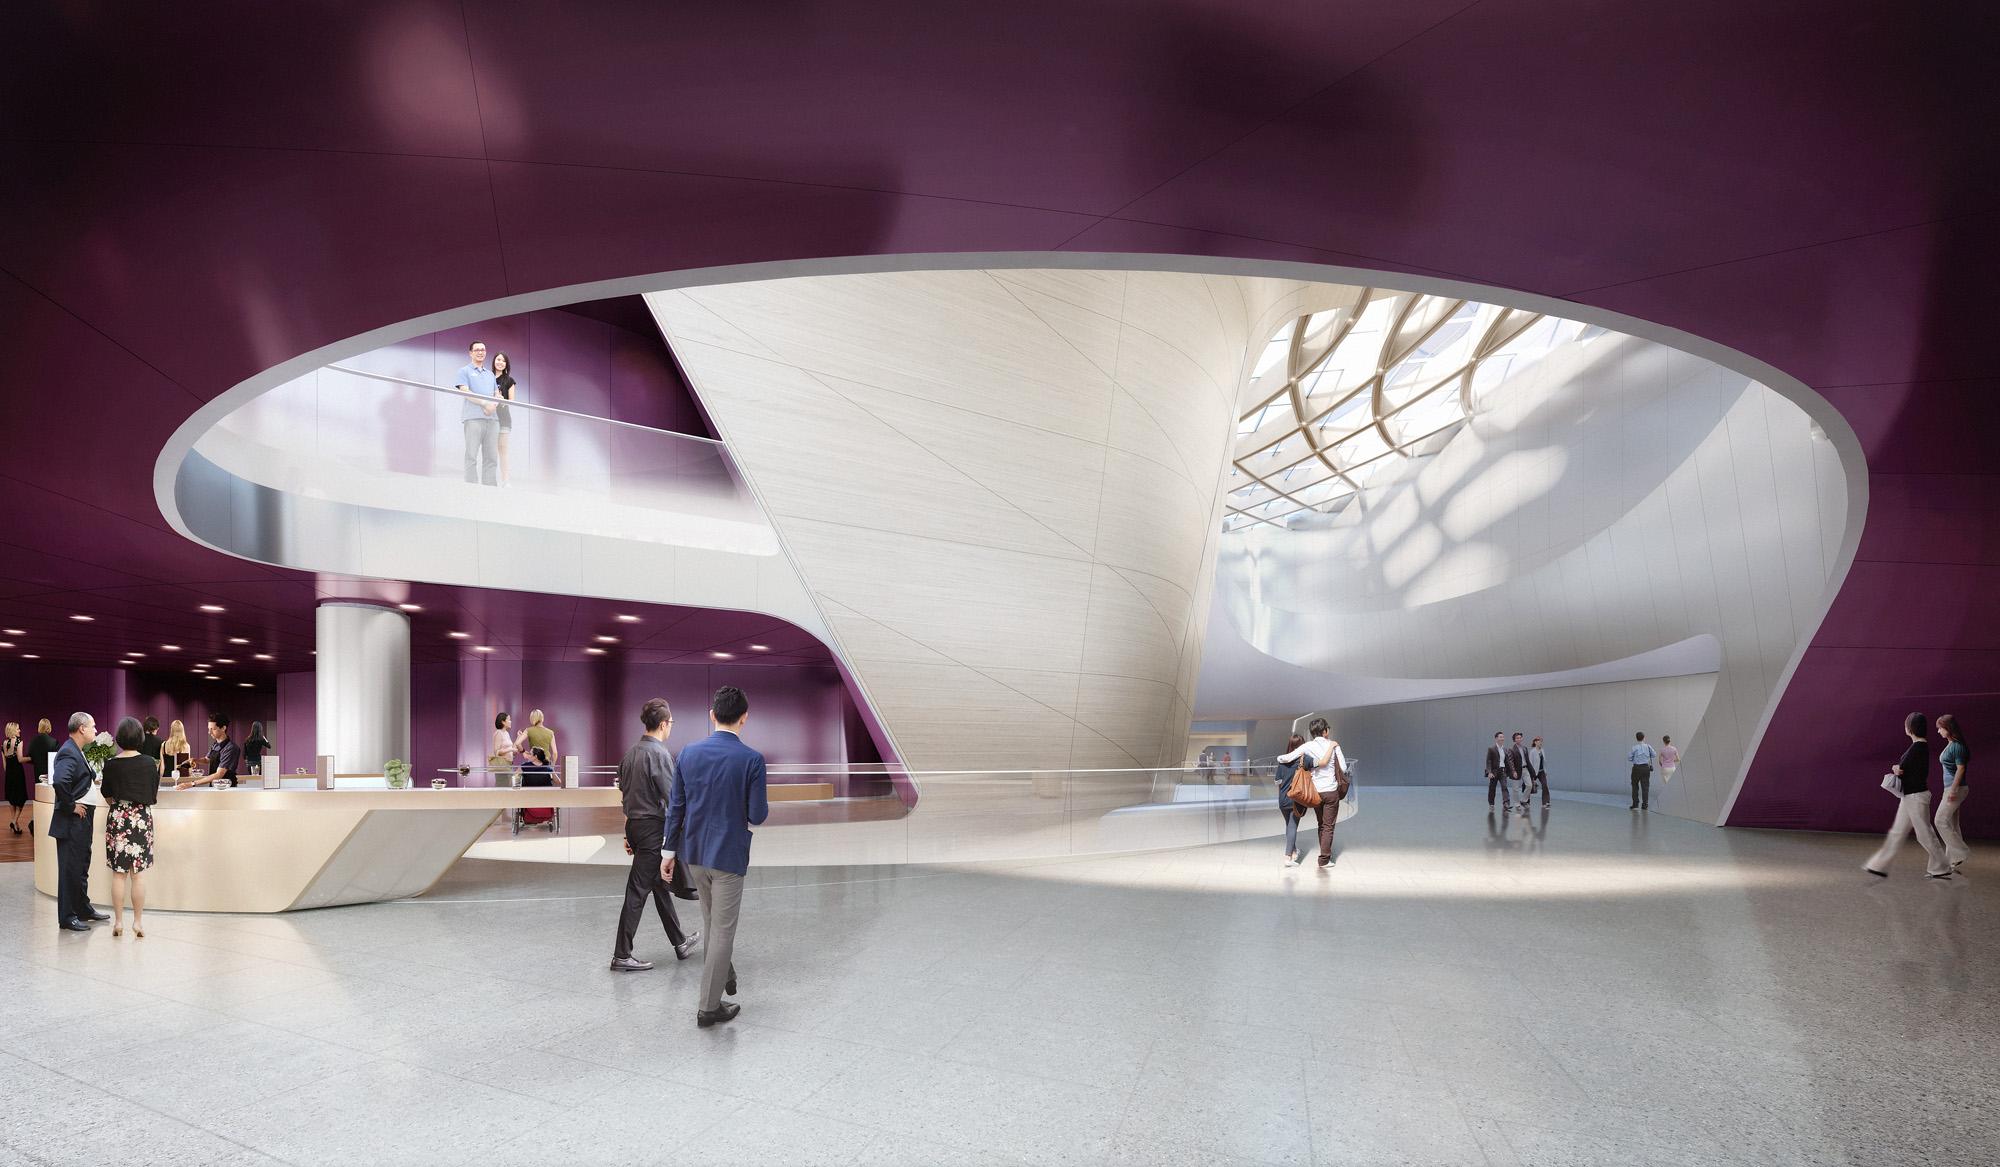 <p>Deze semi-openbare foyers en de openbaar toegankelijke Central Spine vormen samen als het ware een vierde 'podium'. Tussen de verschillende ruimtes ontstaat een interessante wisselwerking tussen de bezoekers van zien en gezien worden. Elk van de foyers loopt vloeiend over in de Central Spine, waardoor net als in de zalen zelf op meerdere niveaus balkons ontstaan met een eersterangs zicht op het dynamische schouwspel dat zich hier ontvouwt. Beeld: DBOX</p>